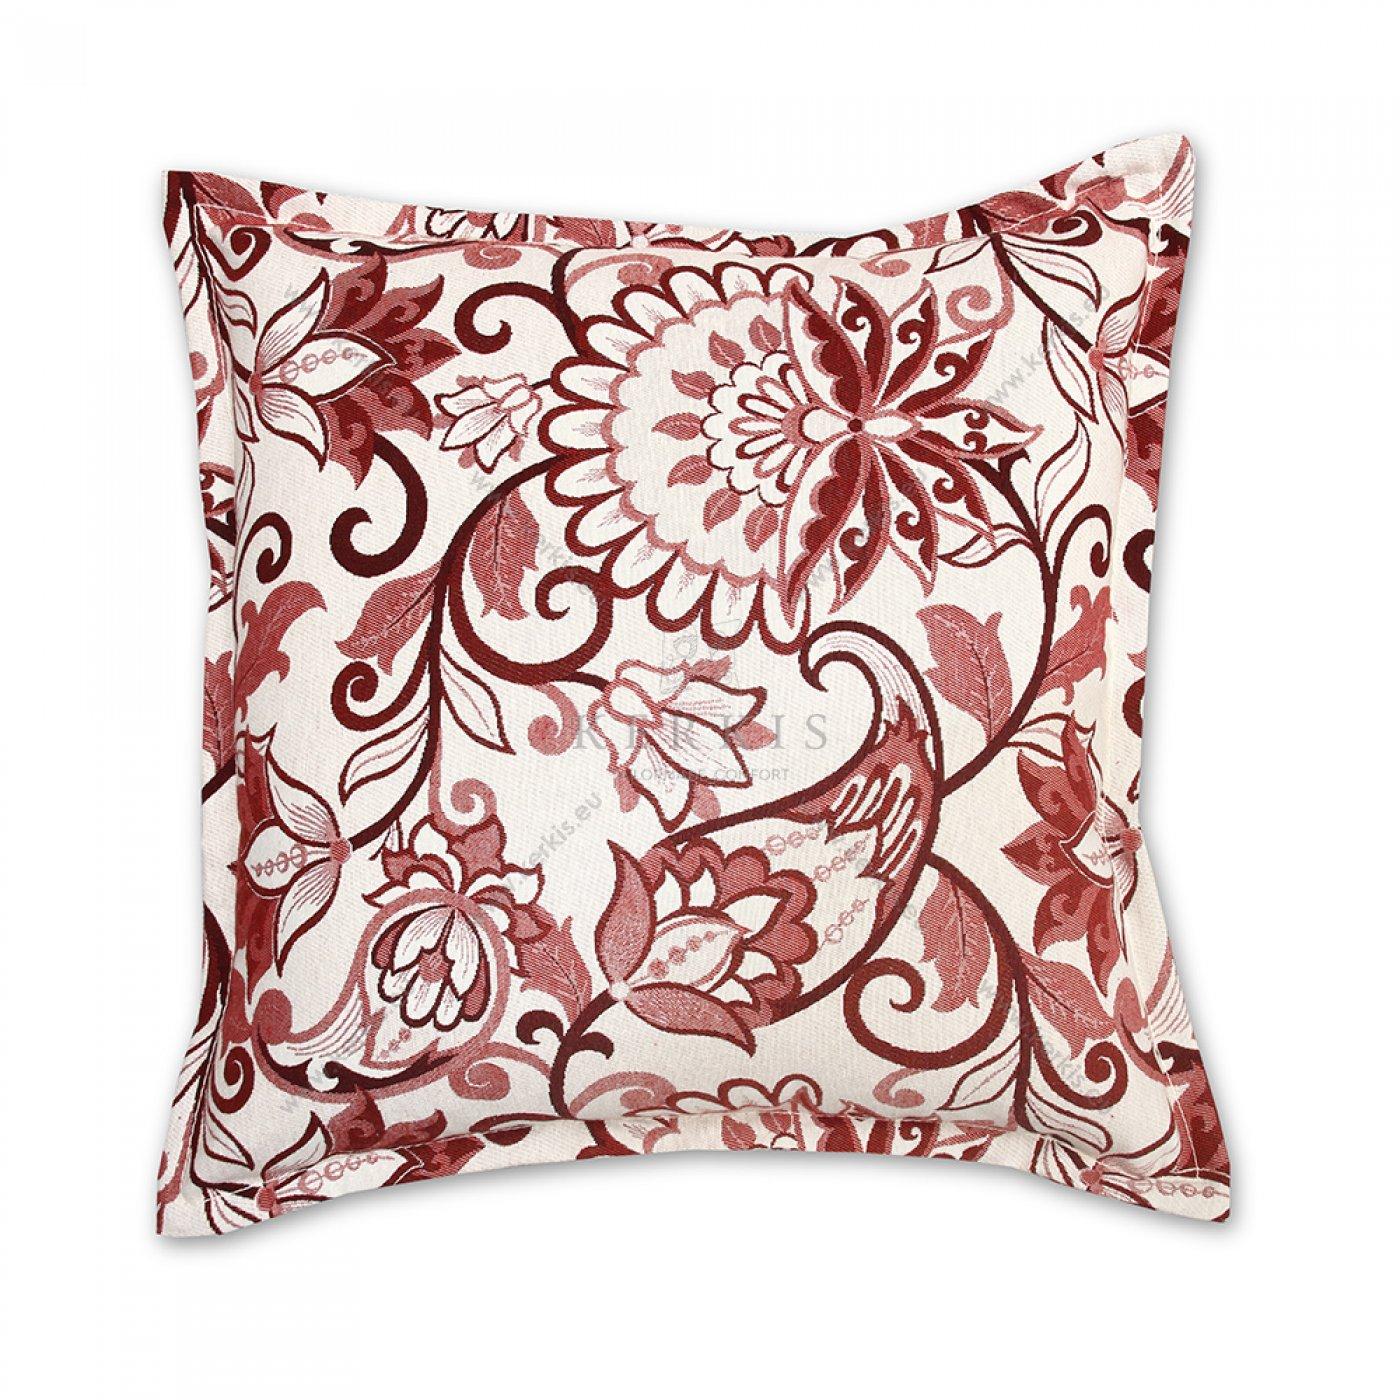 Διακοσμητικό μαξιλάρι καναπέ, χρώμα κόκκινο, λουλούδι